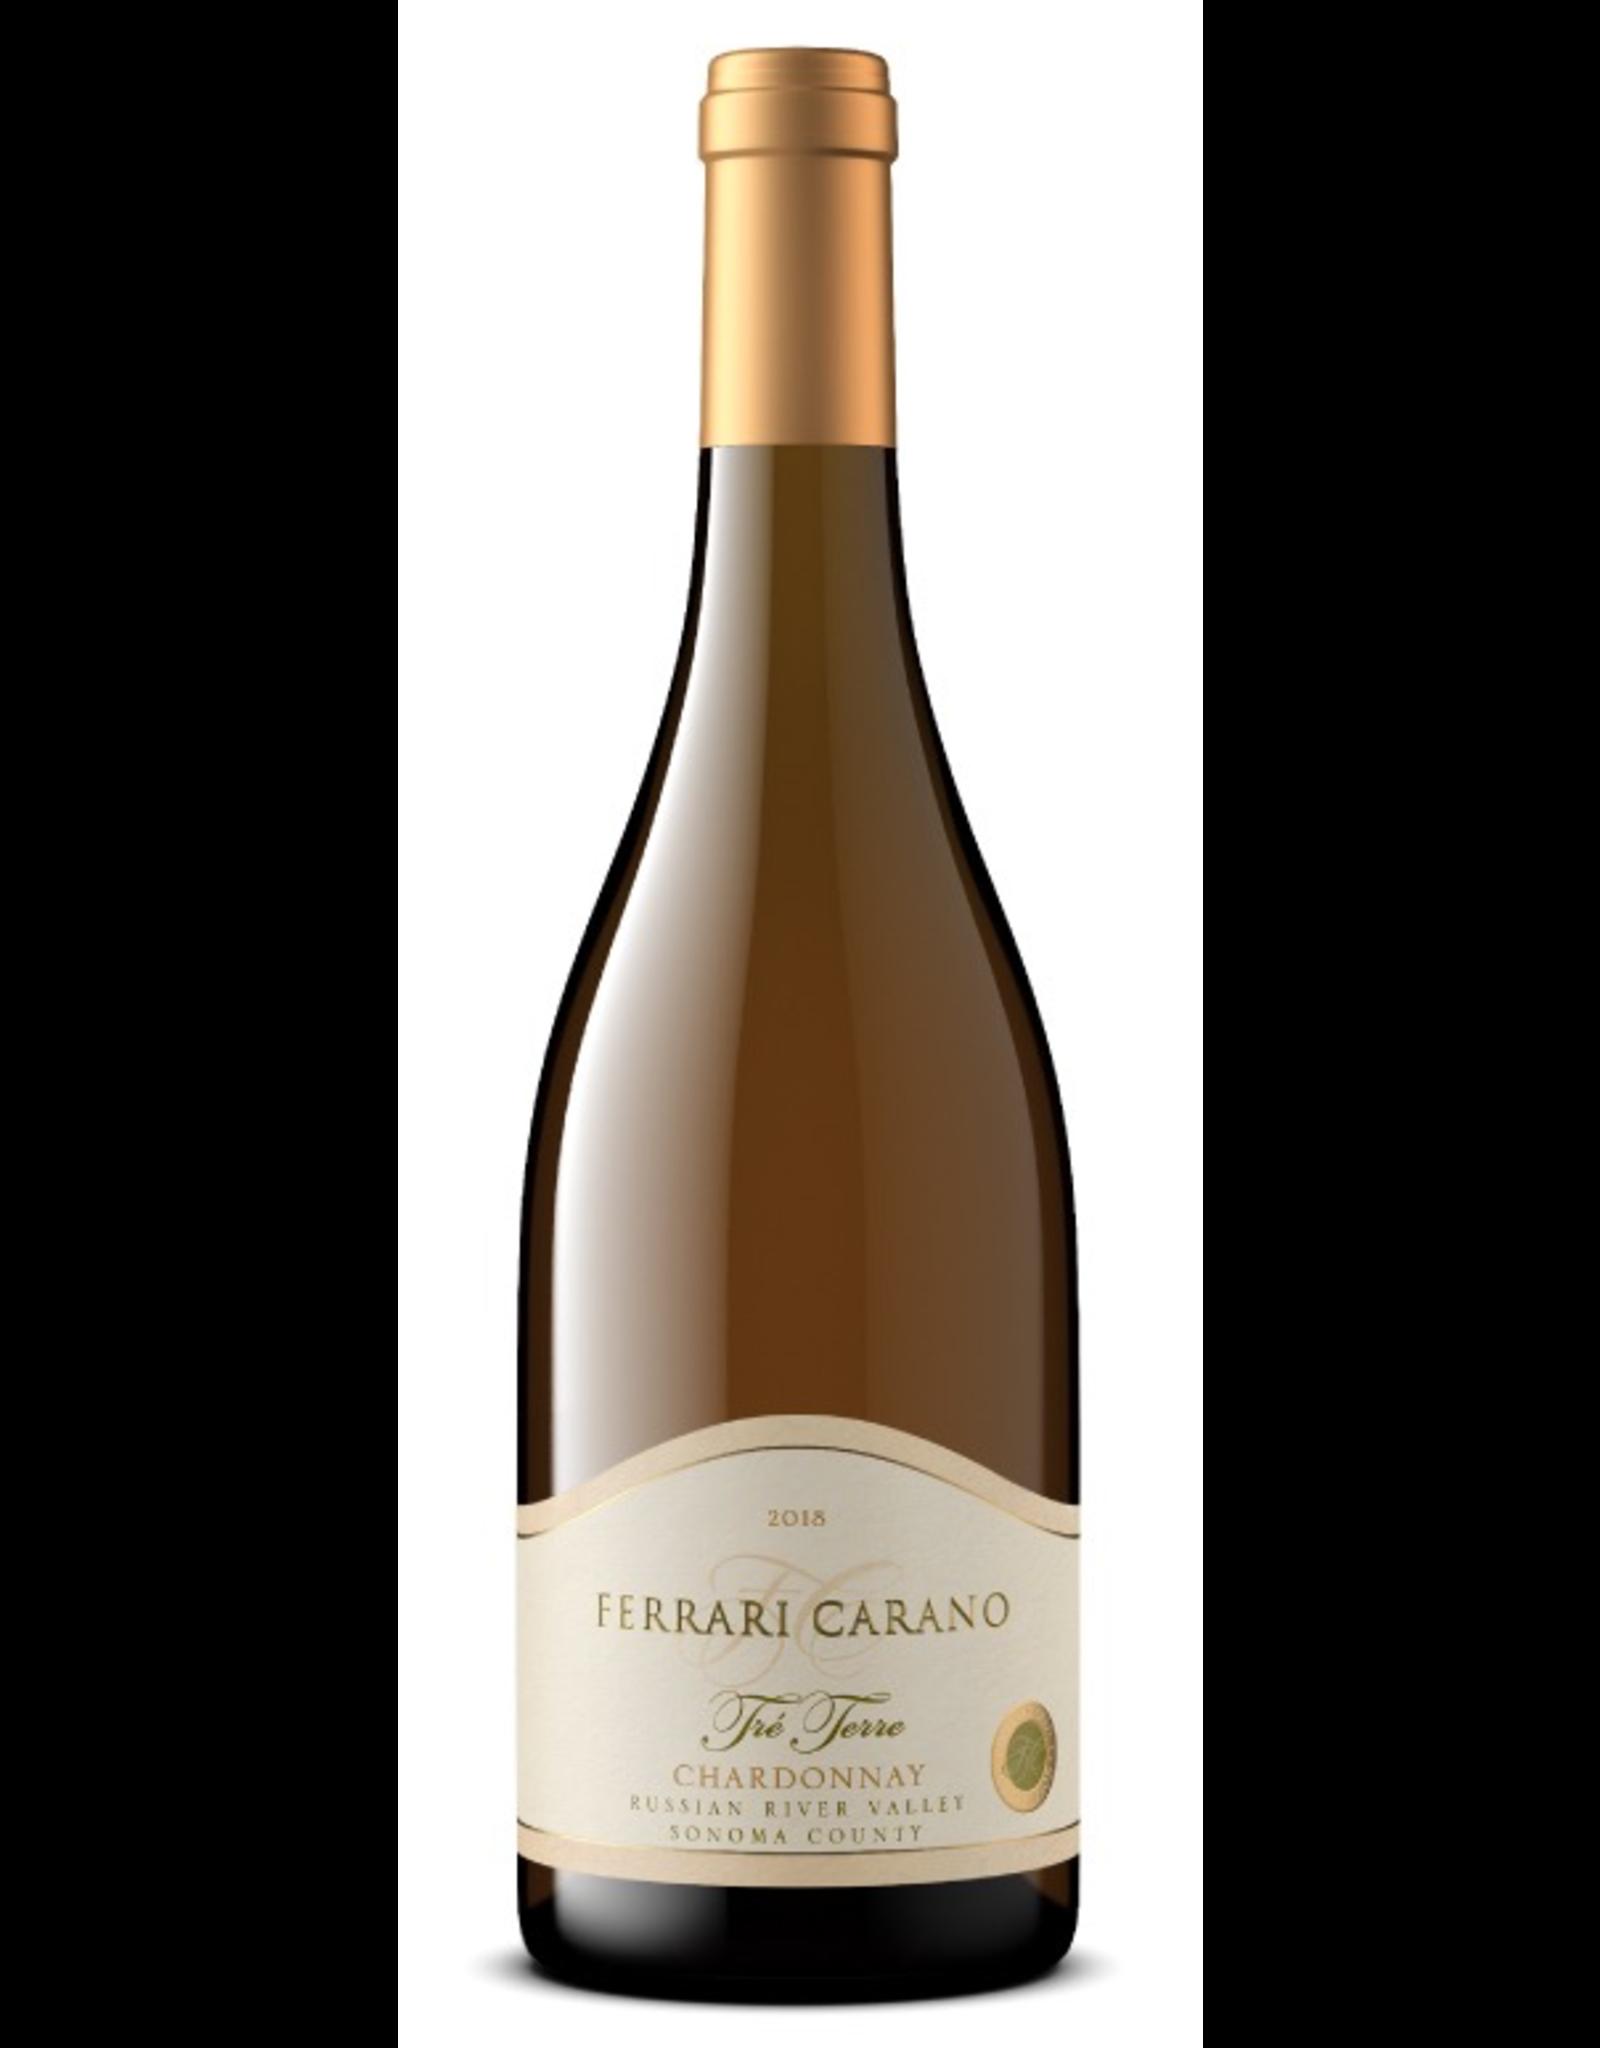 White Wine 2017, Ferrari Carano Tre Terre, Chardonnay, Russian River Valley, Sonoma County, California, 14.1% Alc, CTnr, TW92